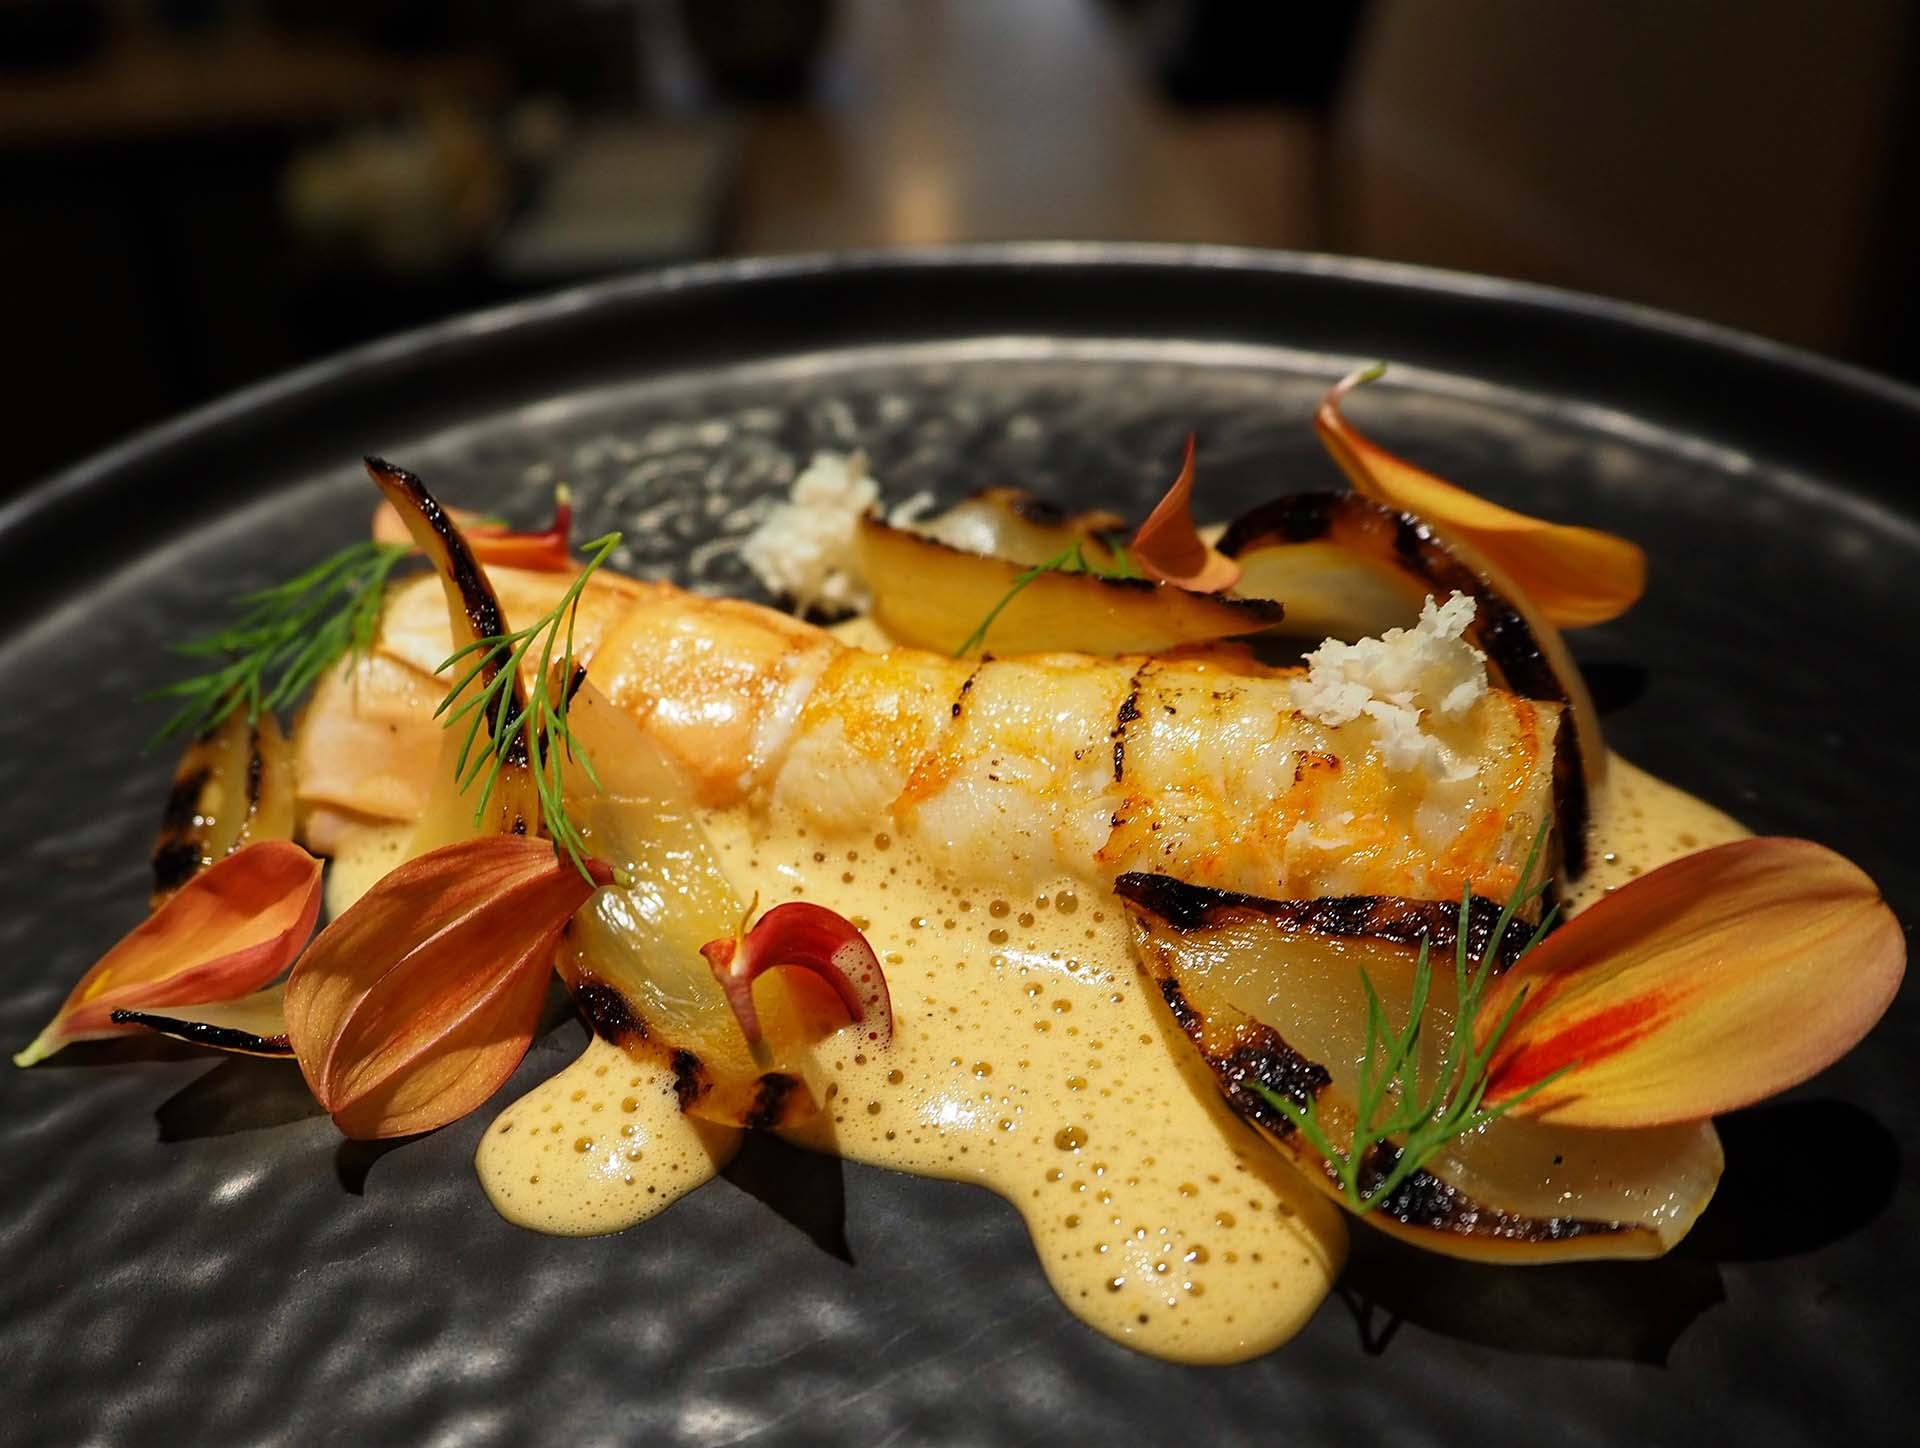 Recette langoustine aux oignons doux des Cévennes au restaurant le Reflet d'Obione